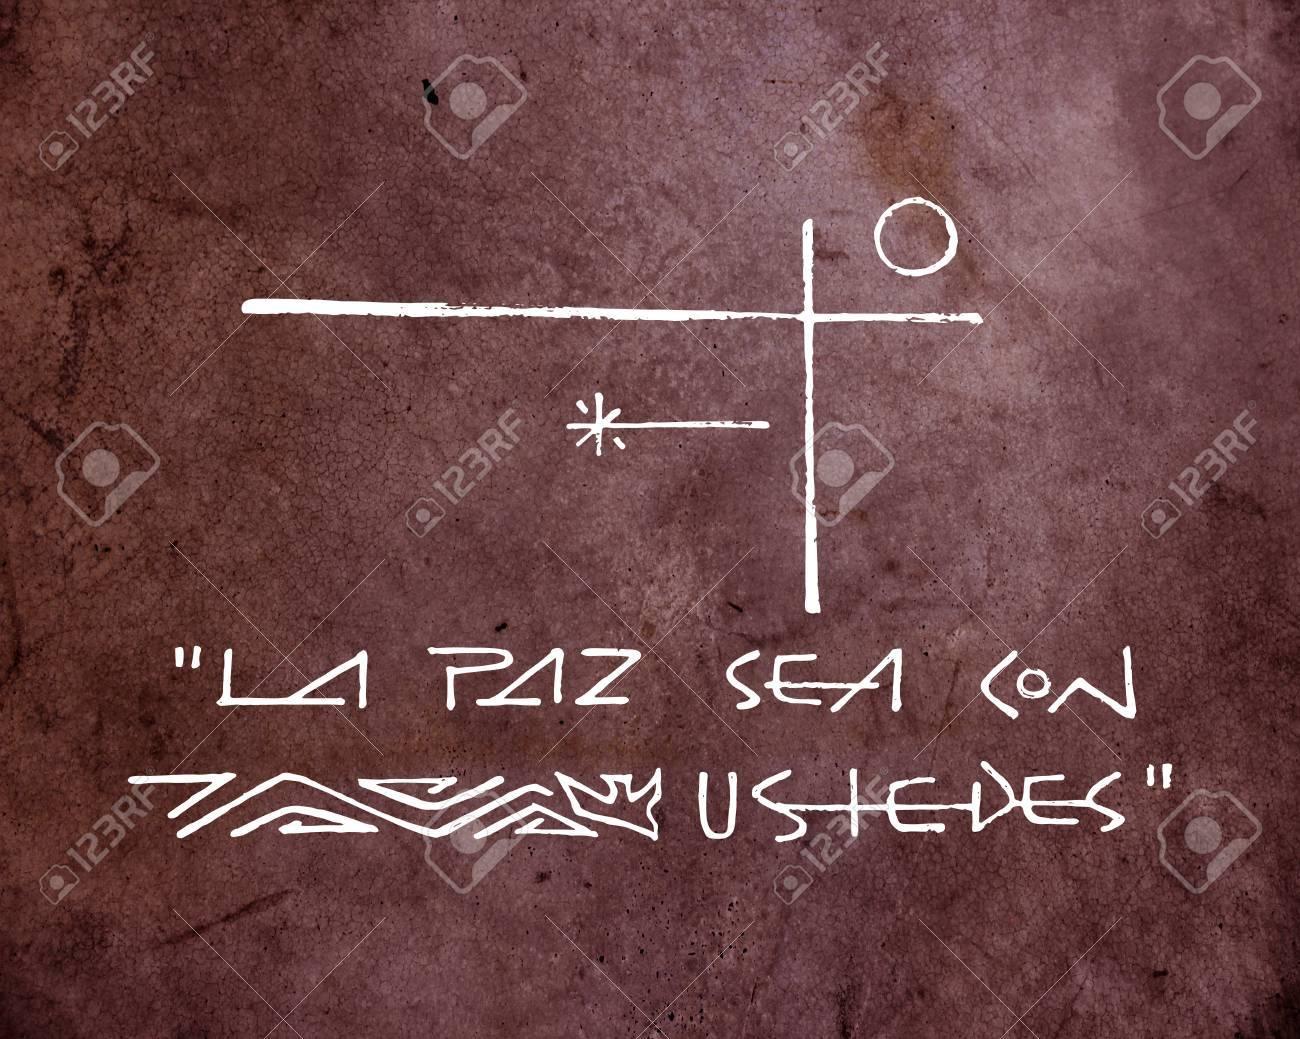 Dibujado A Mano Ilustración O Dibujo De Una Cruz Cristiana Y Una Frase En Español Que Dice La Paz Mar Con Ustedes Que Significa La Paz Sea Contigo